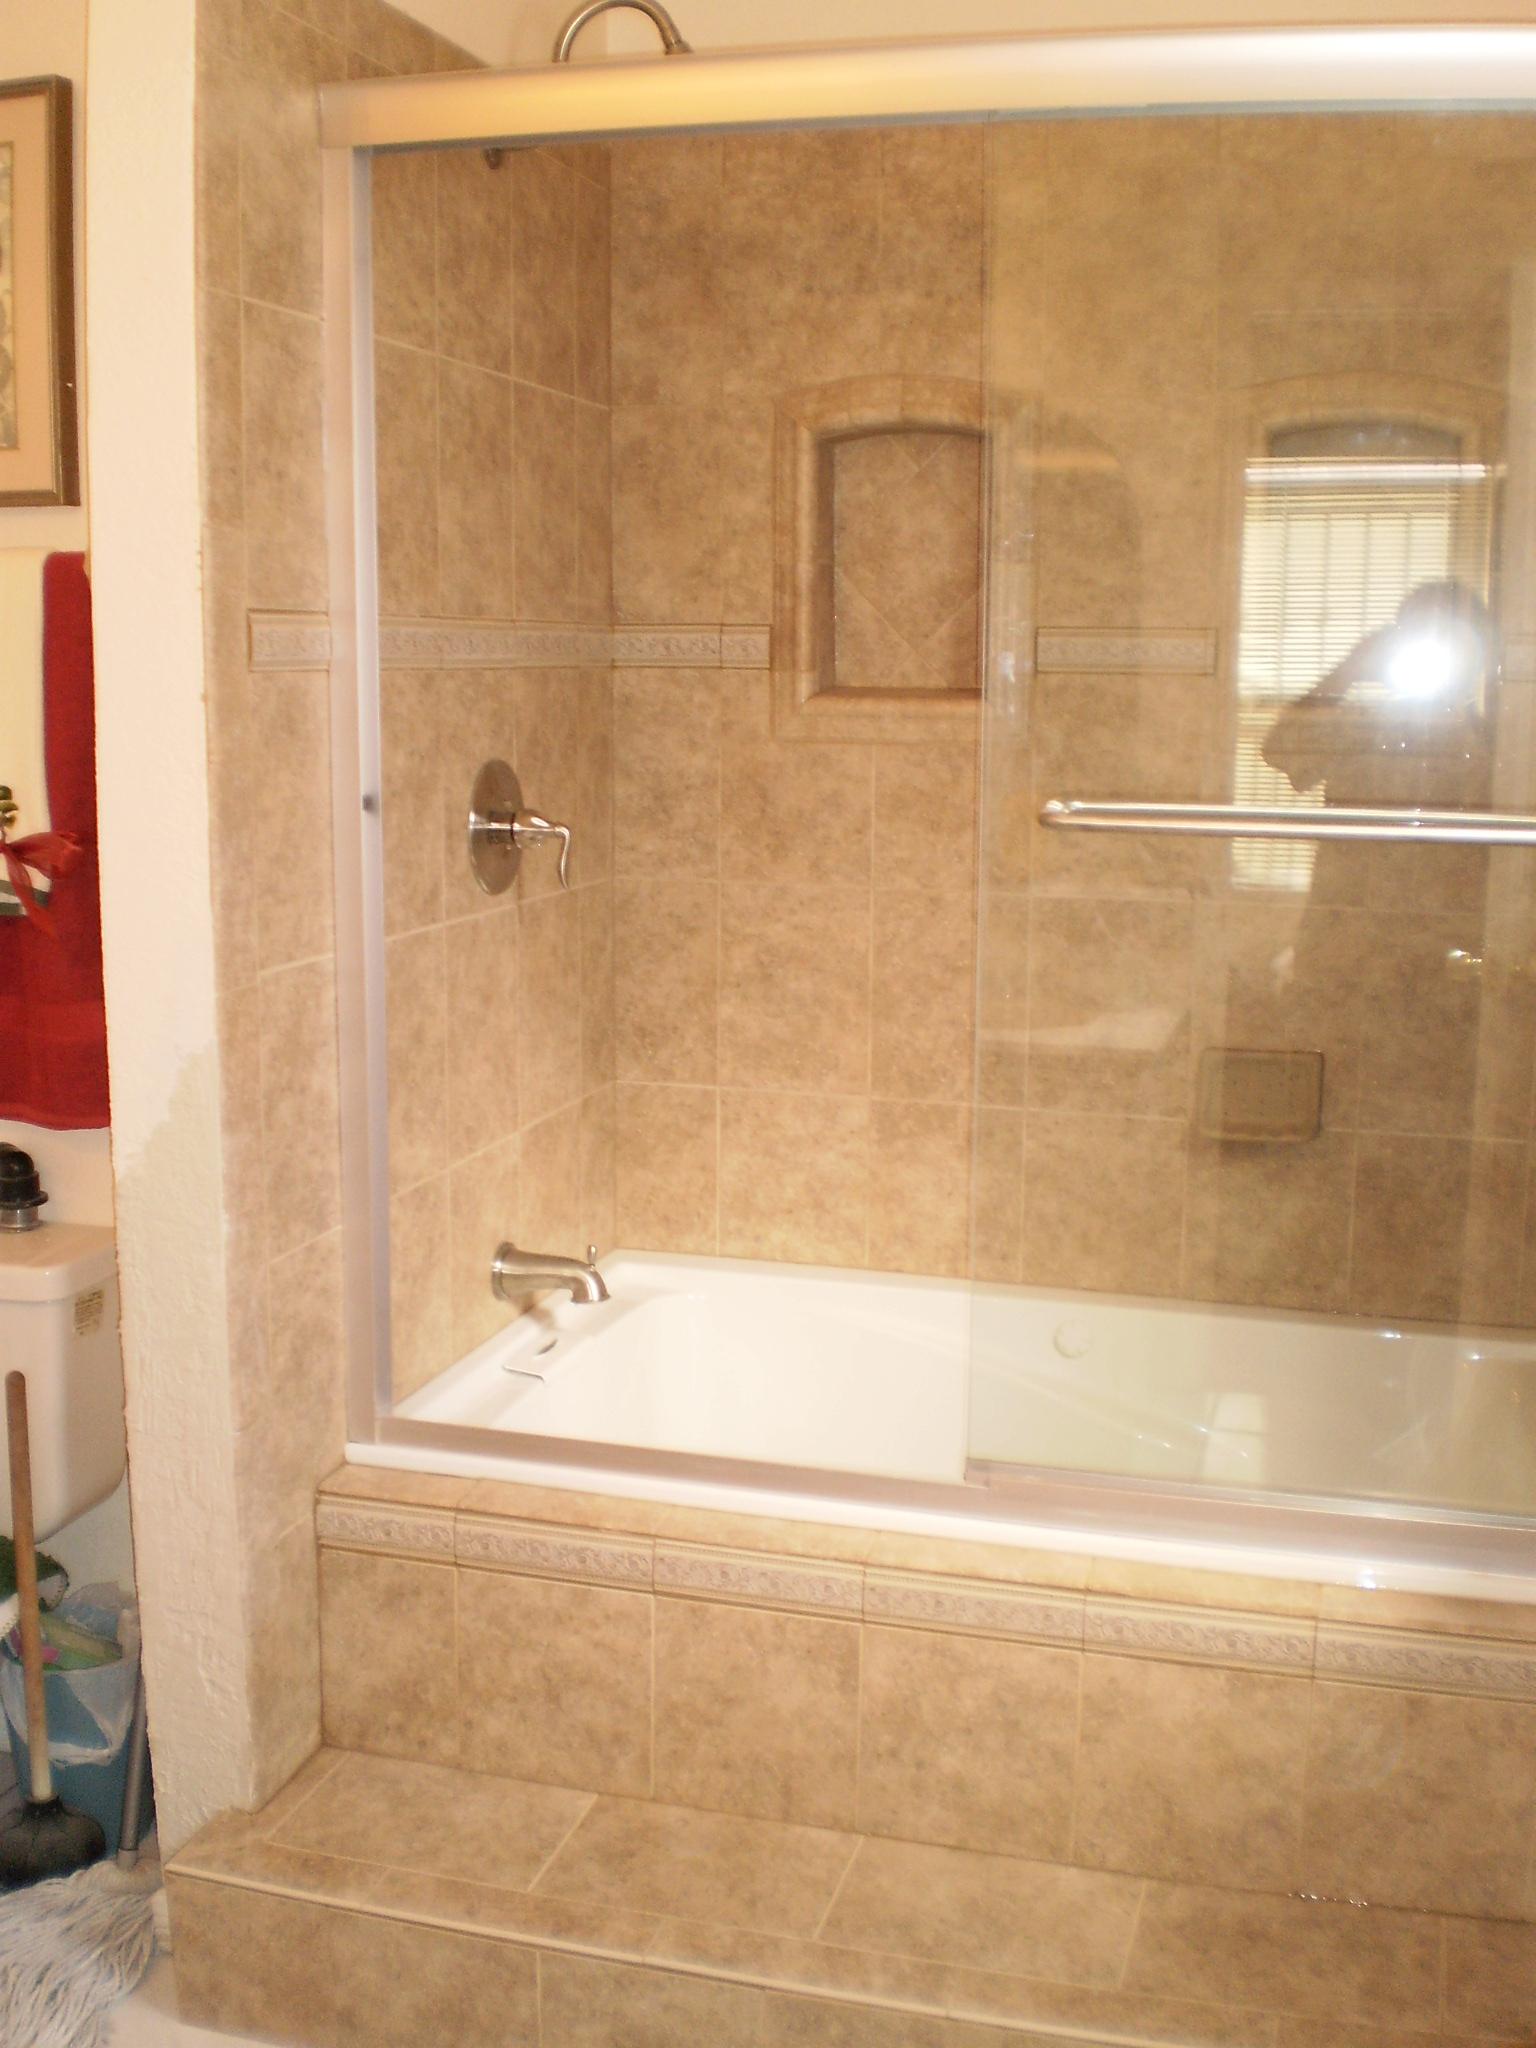 Js Tile Home Improvement El Paso Tx Sales Service